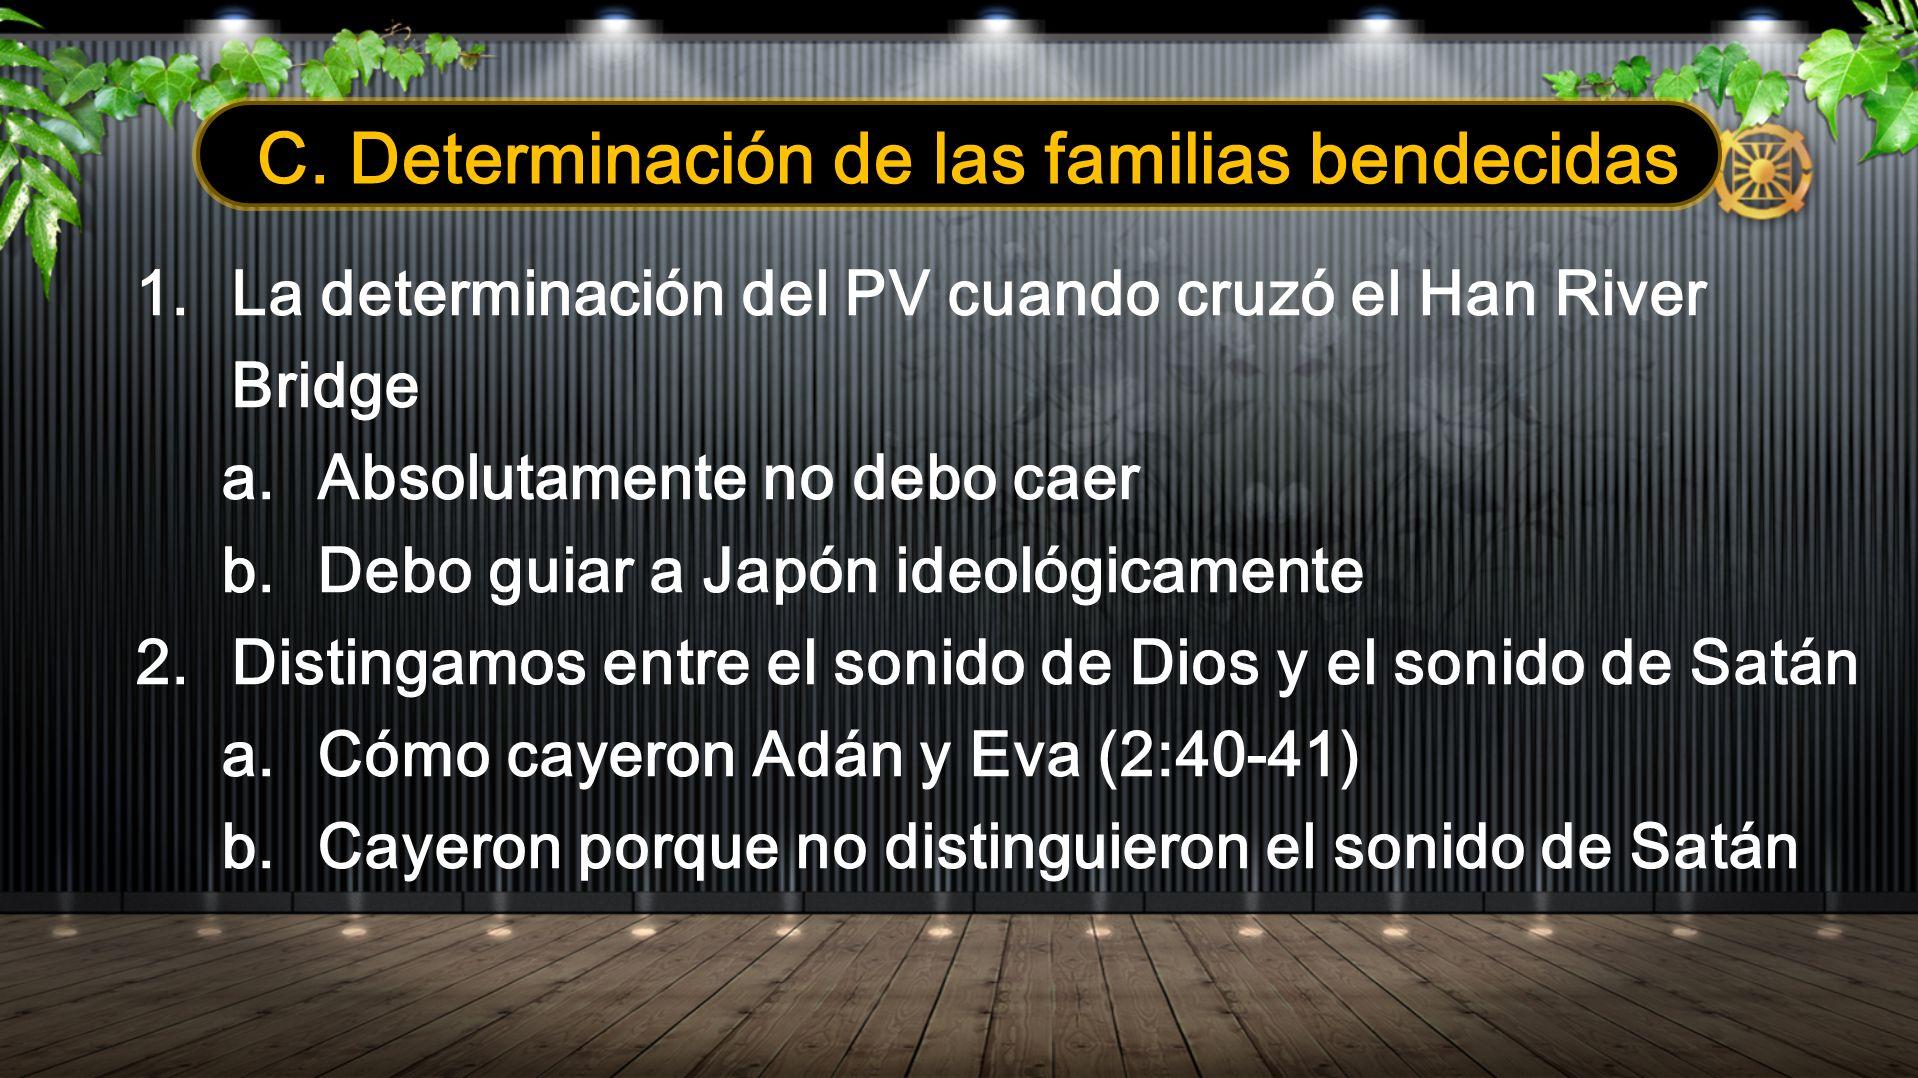 C. Determinación de las familias bendecidas